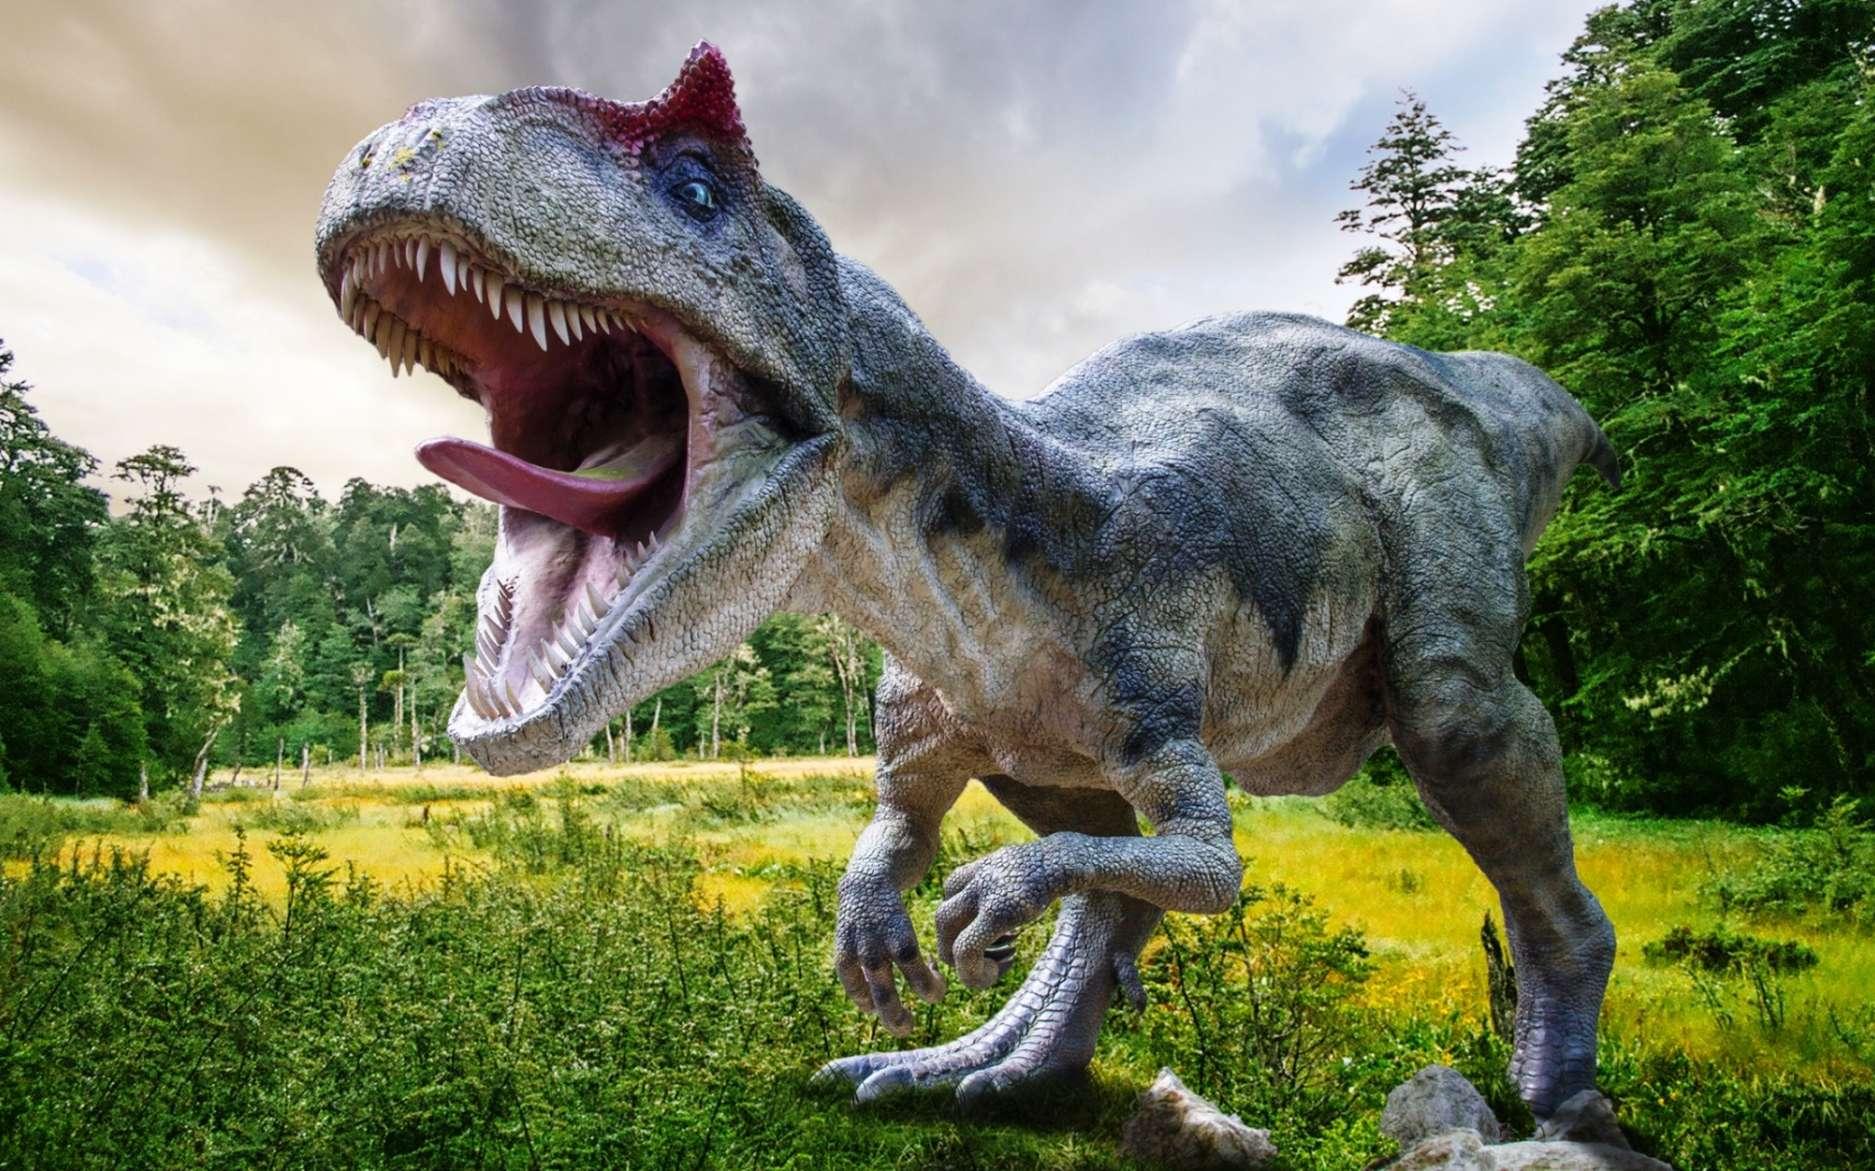 Une reconstitution d'artiste de l'aspect d'un dinosaure. Nous sommes encore loin de savoir quels sons ces animaux pouvaient émettre, bien que les oiseaux en soient les derniers représentants. © Lukas Uher, Shutterstock